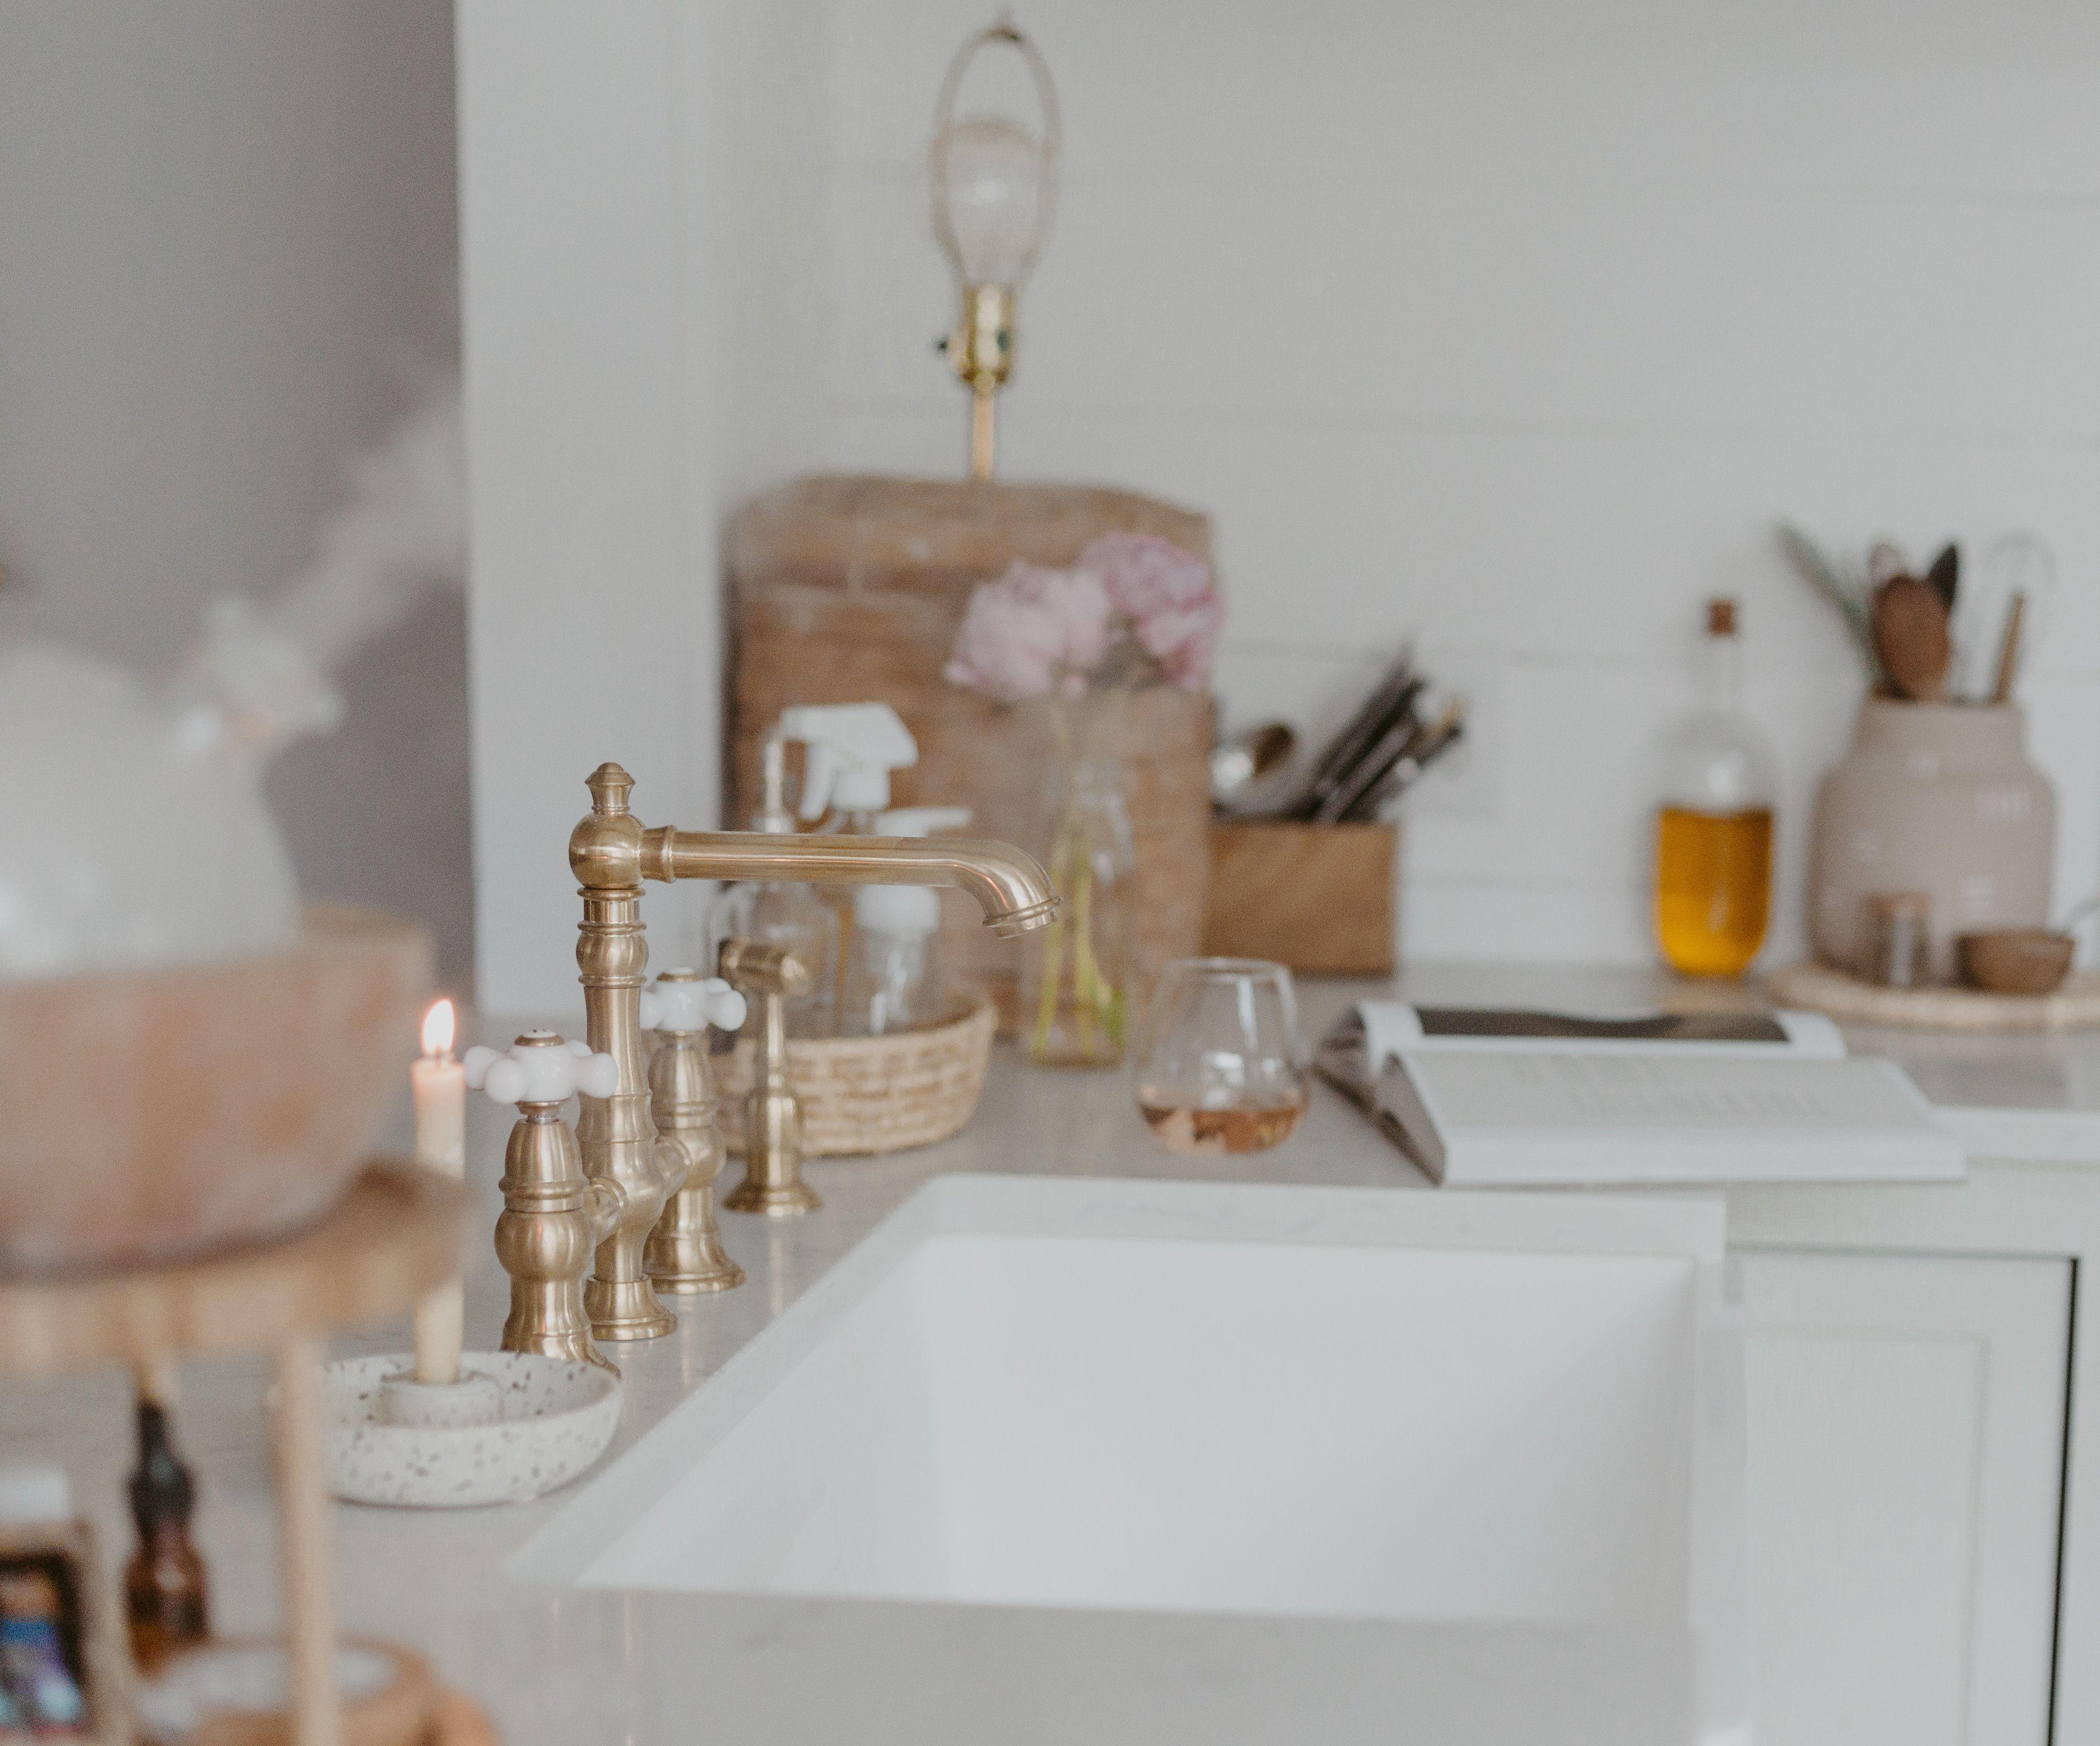 bridge kitchen faucet